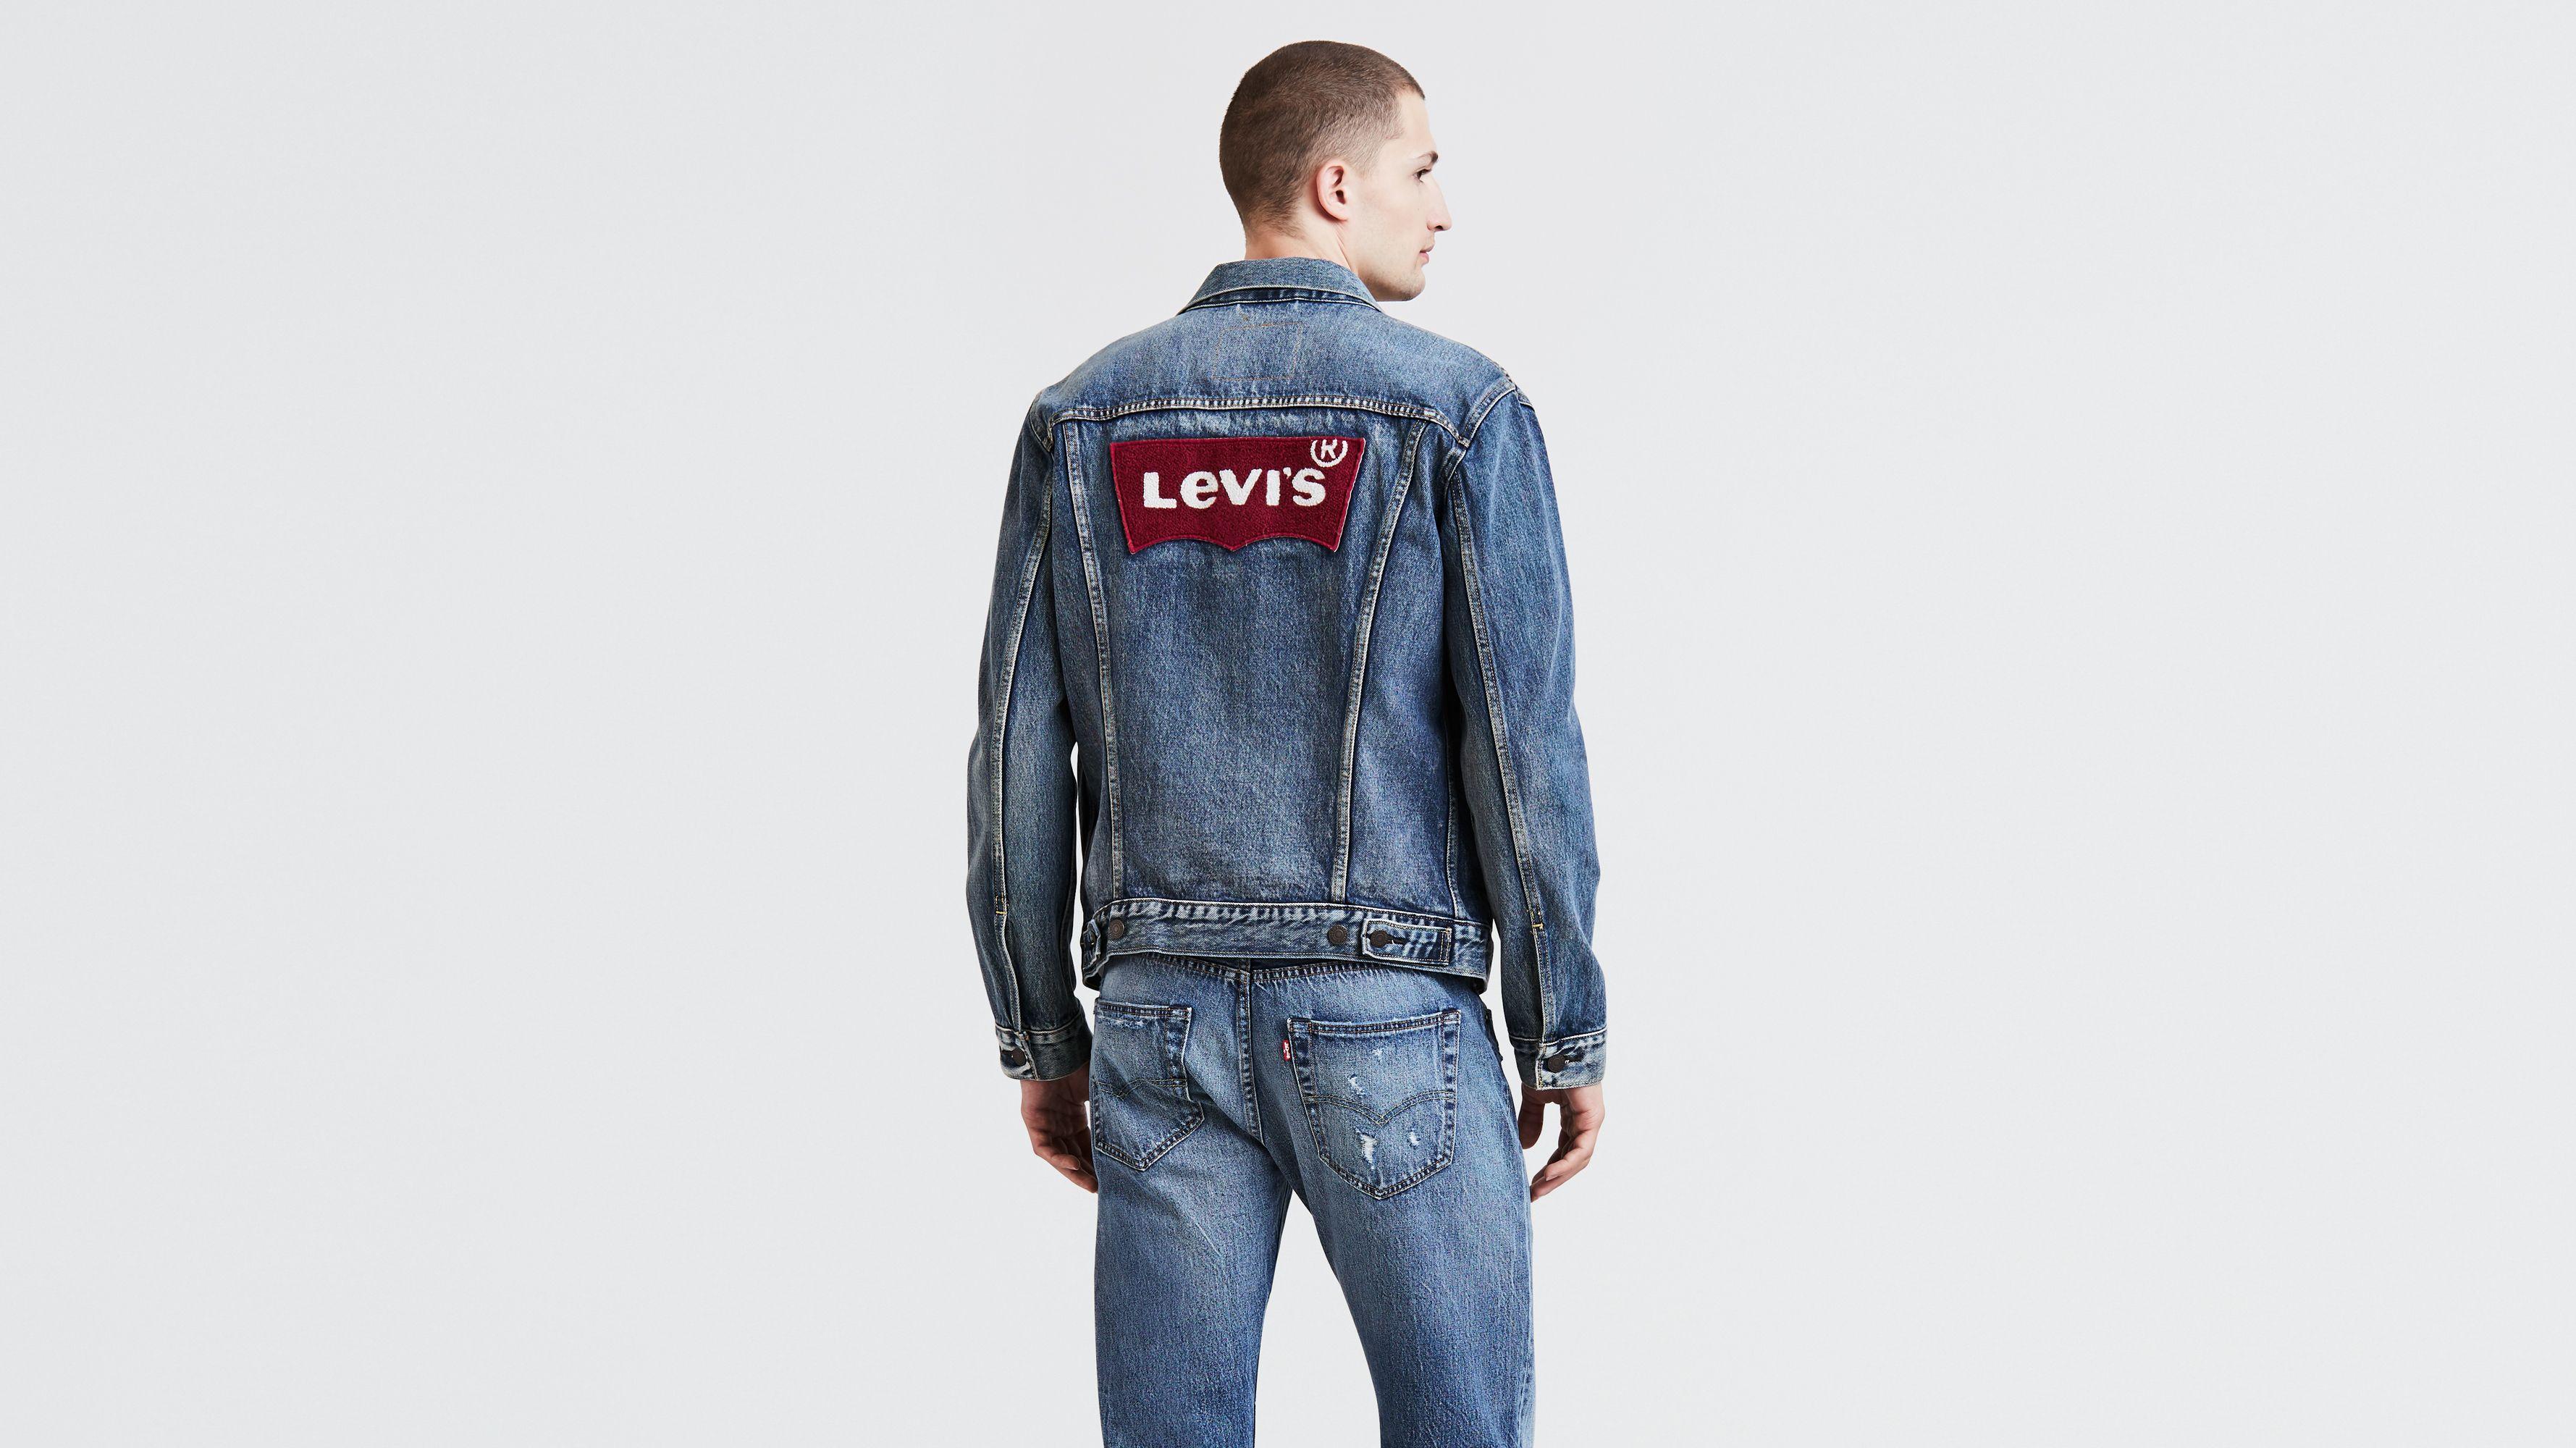 En Fr amp; Levi's® Jeans Men's Vestes Sherpas 6dSAHqnw